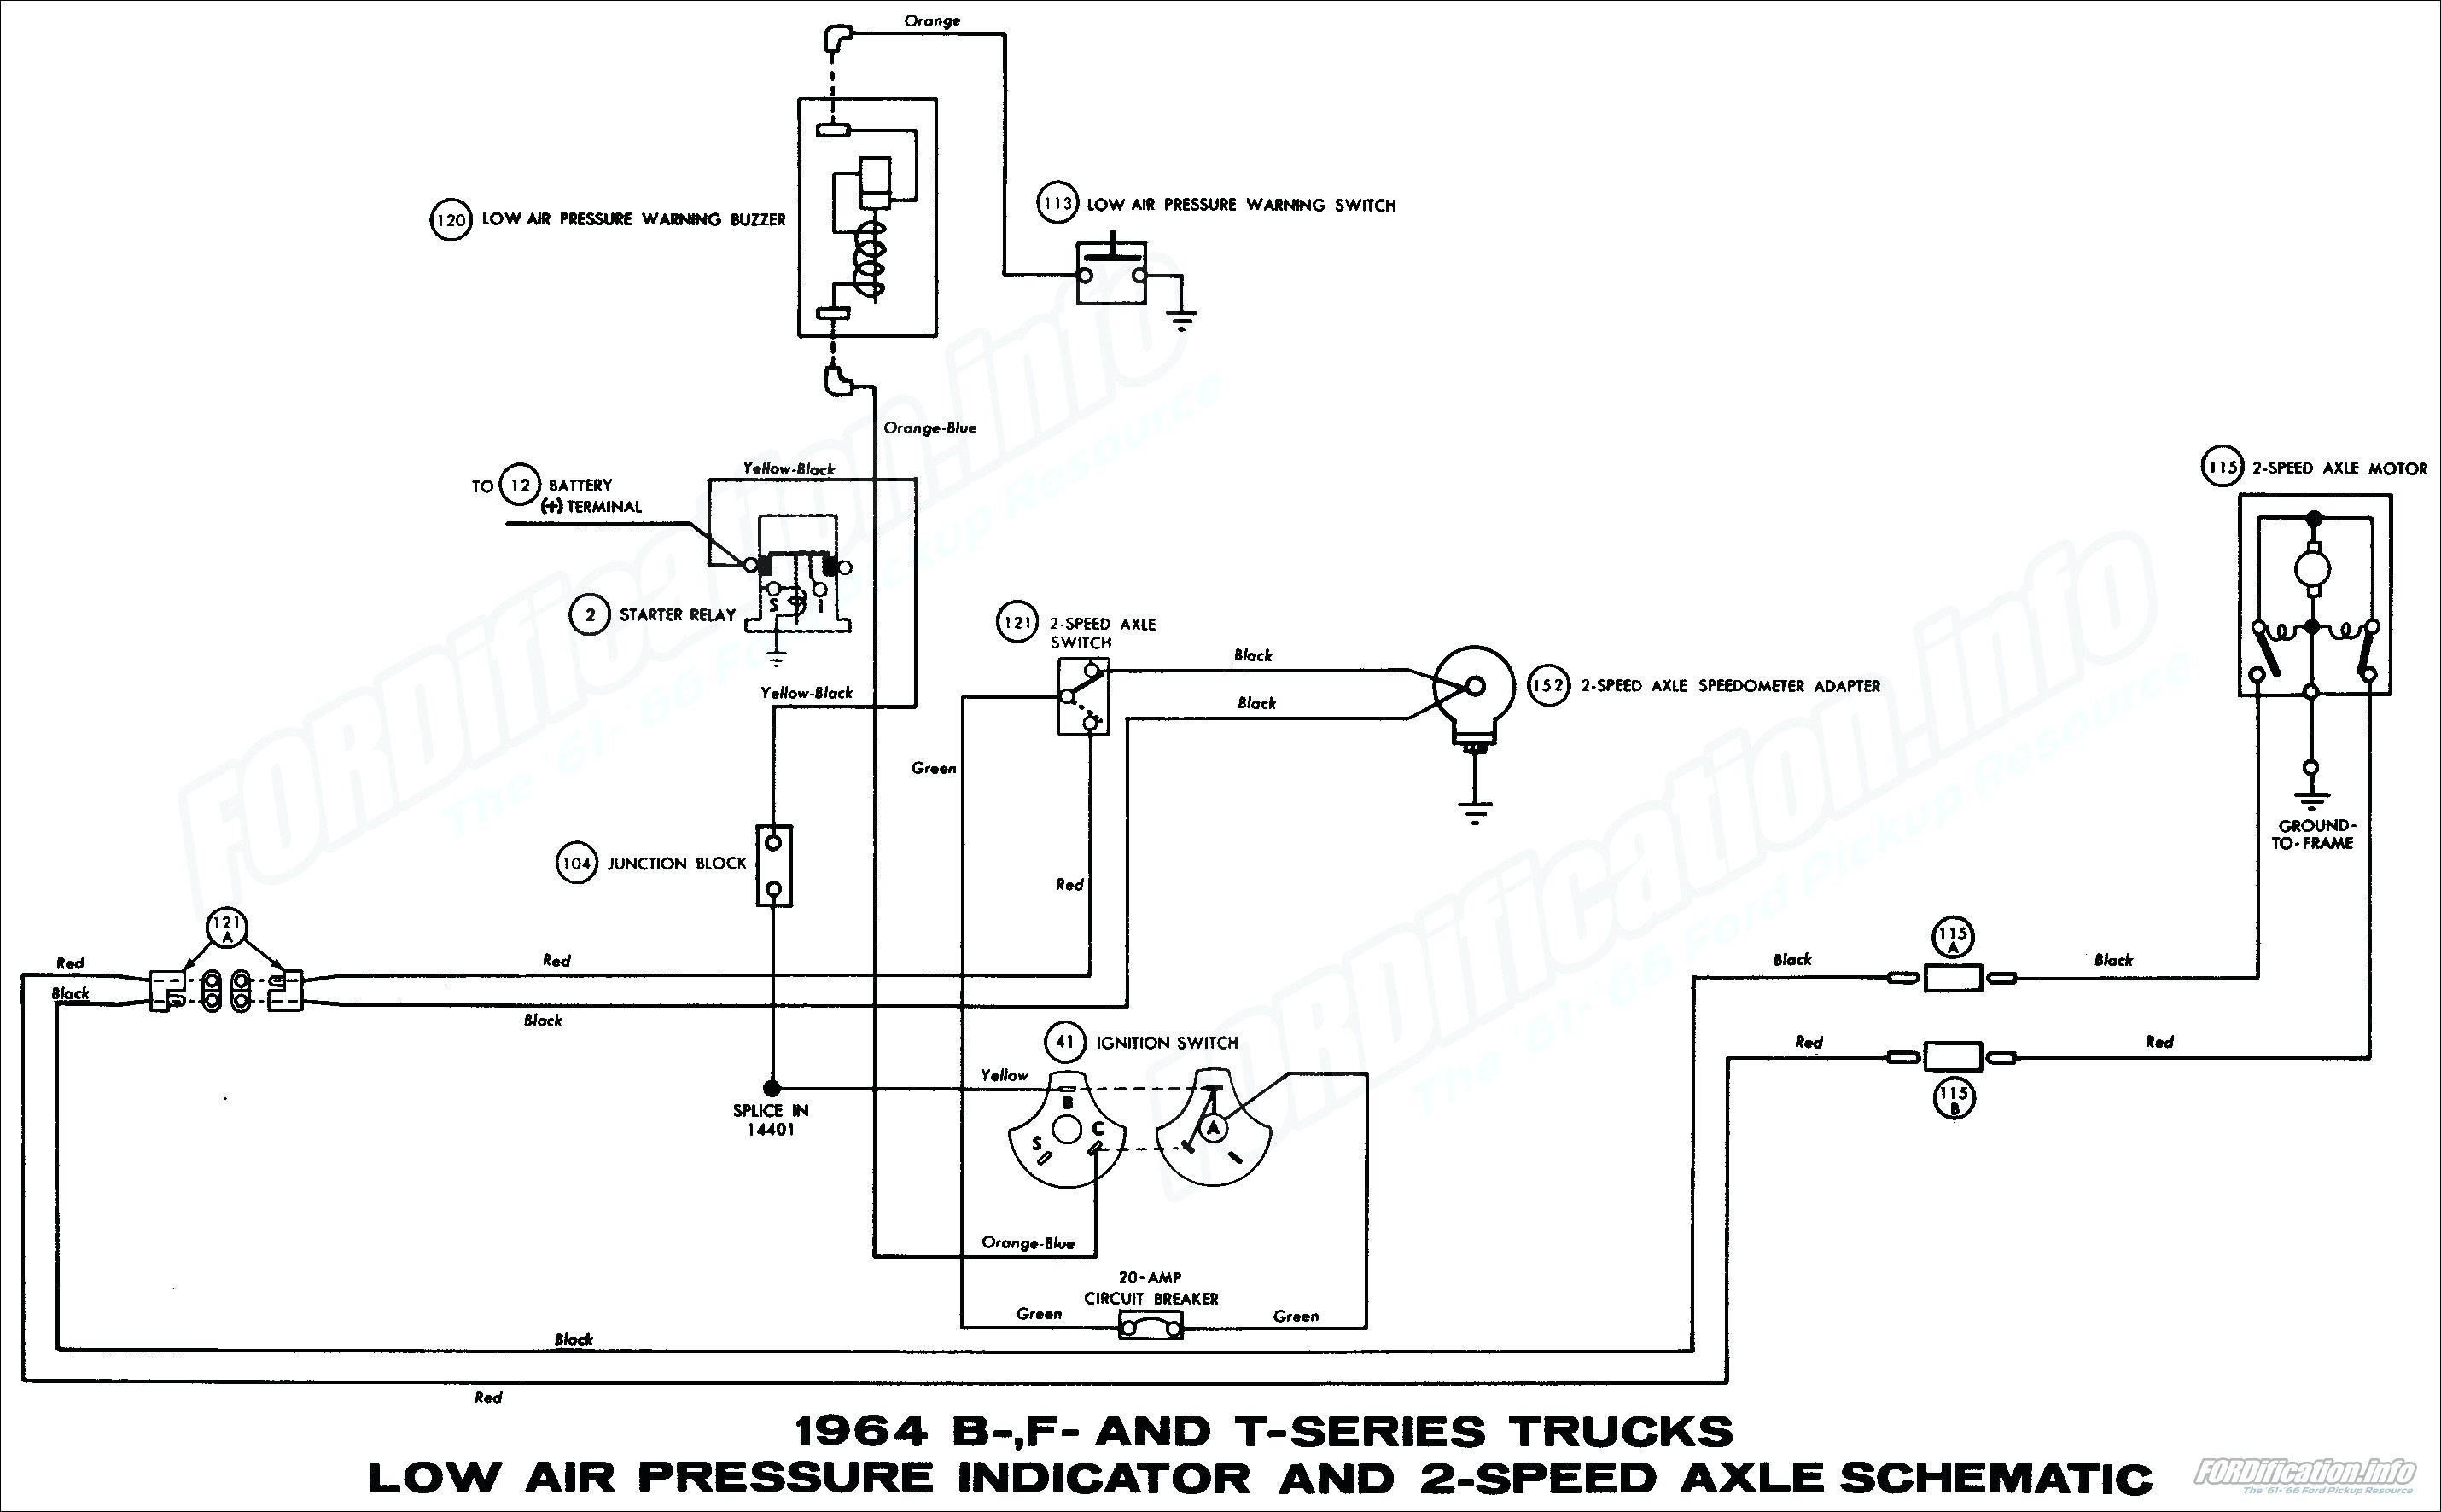 eaton motor starter wiring diagram Collection-Wiring Diagram Cutler Hammer Motor Starter Inspirationa Starter solenoid Wiring Diagram Manual Save Eaton Wiring Manual 17-p